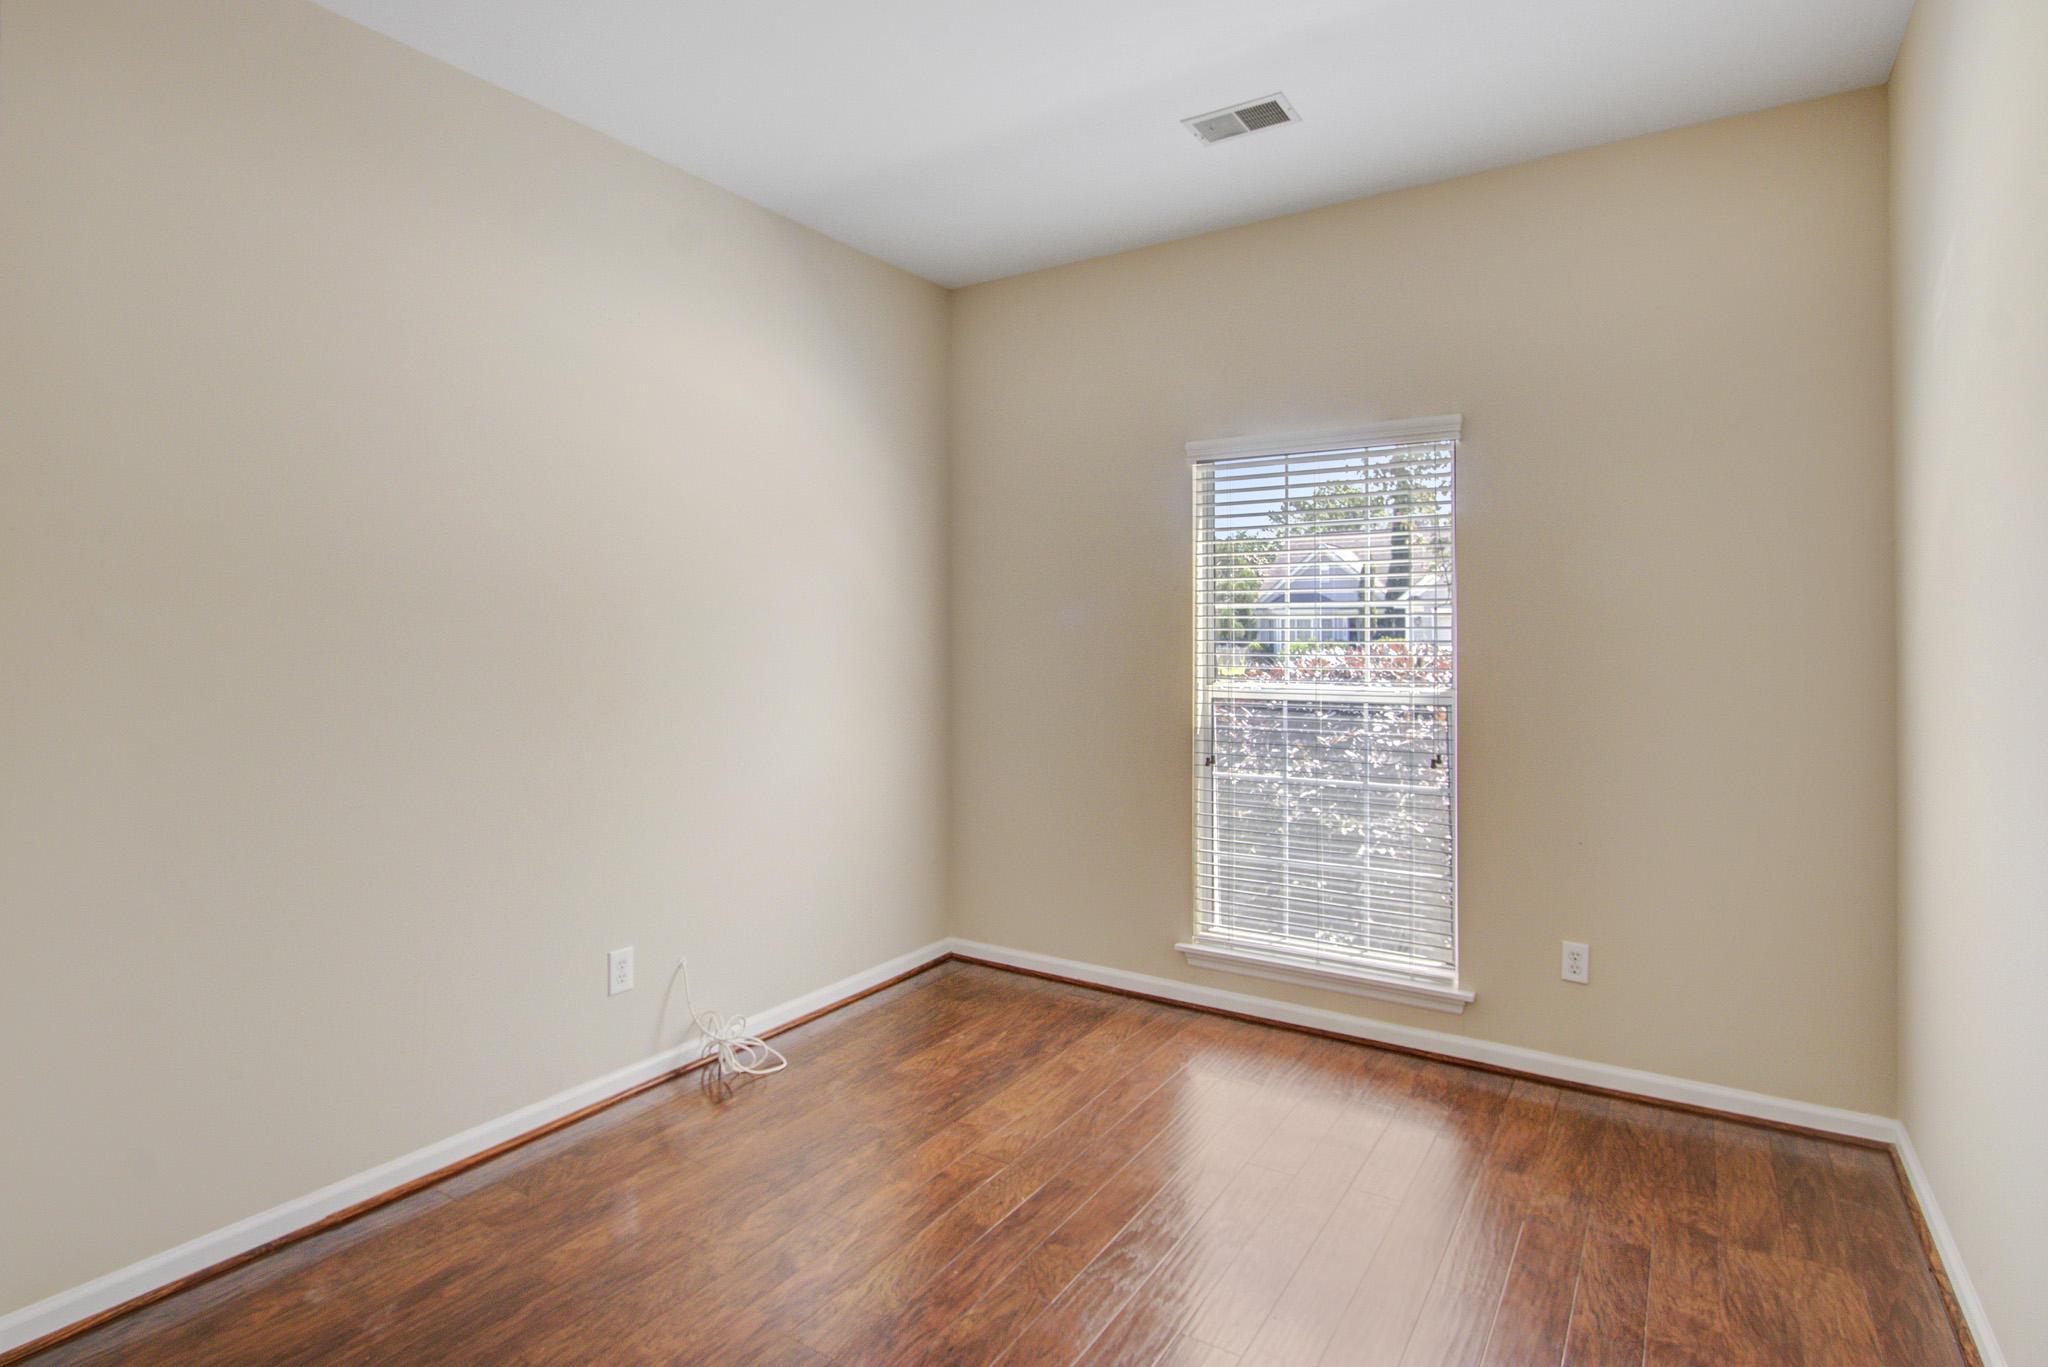 Dunes West Homes For Sale - 1645 Pin Oak Cut, Mount Pleasant, SC - 4